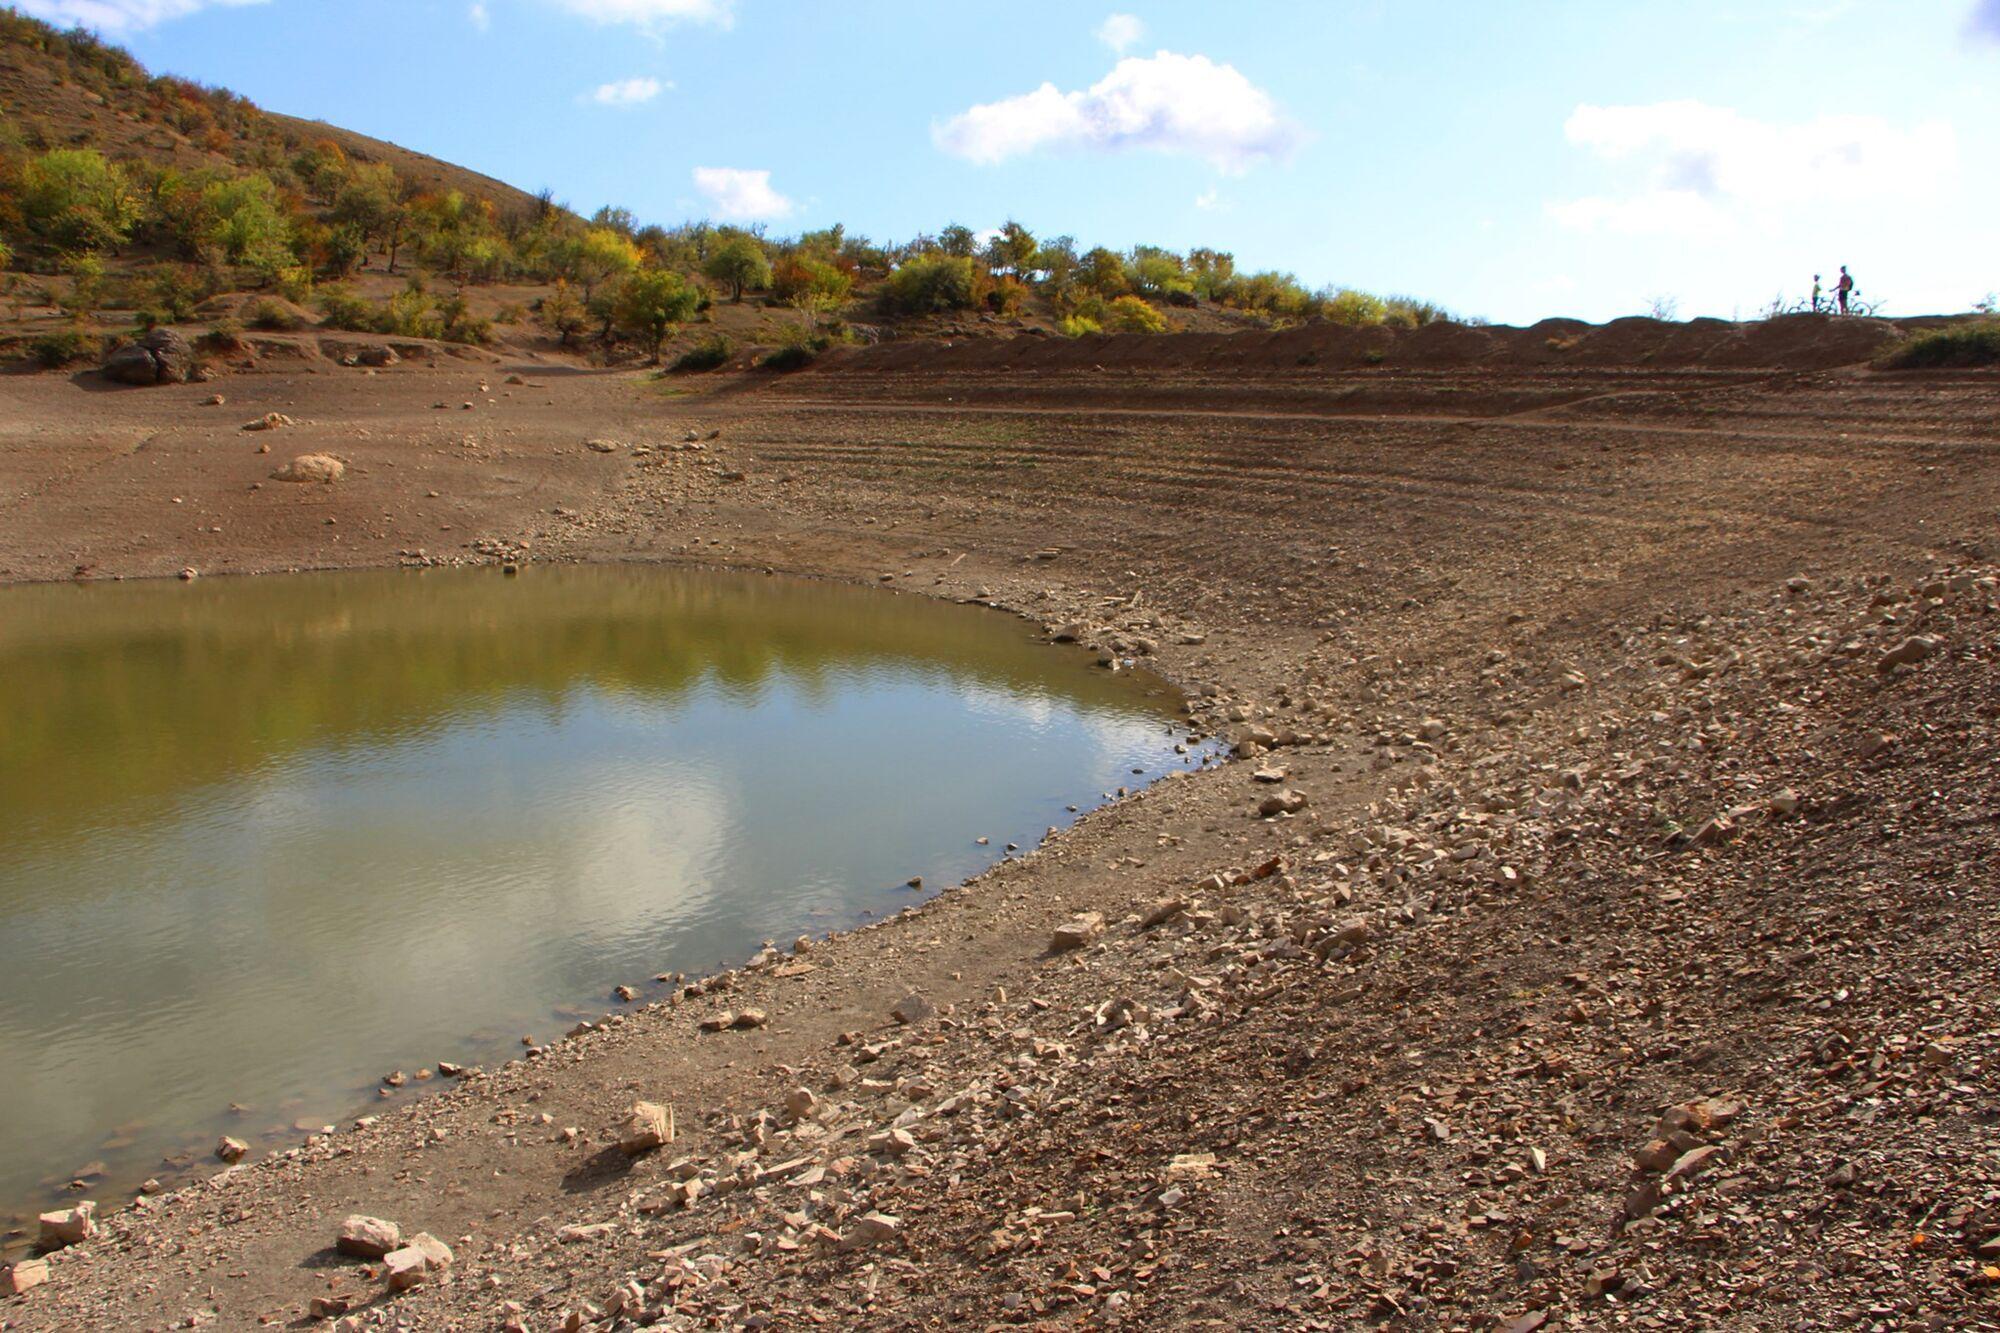 От уникального водоема практически ничего не осталось